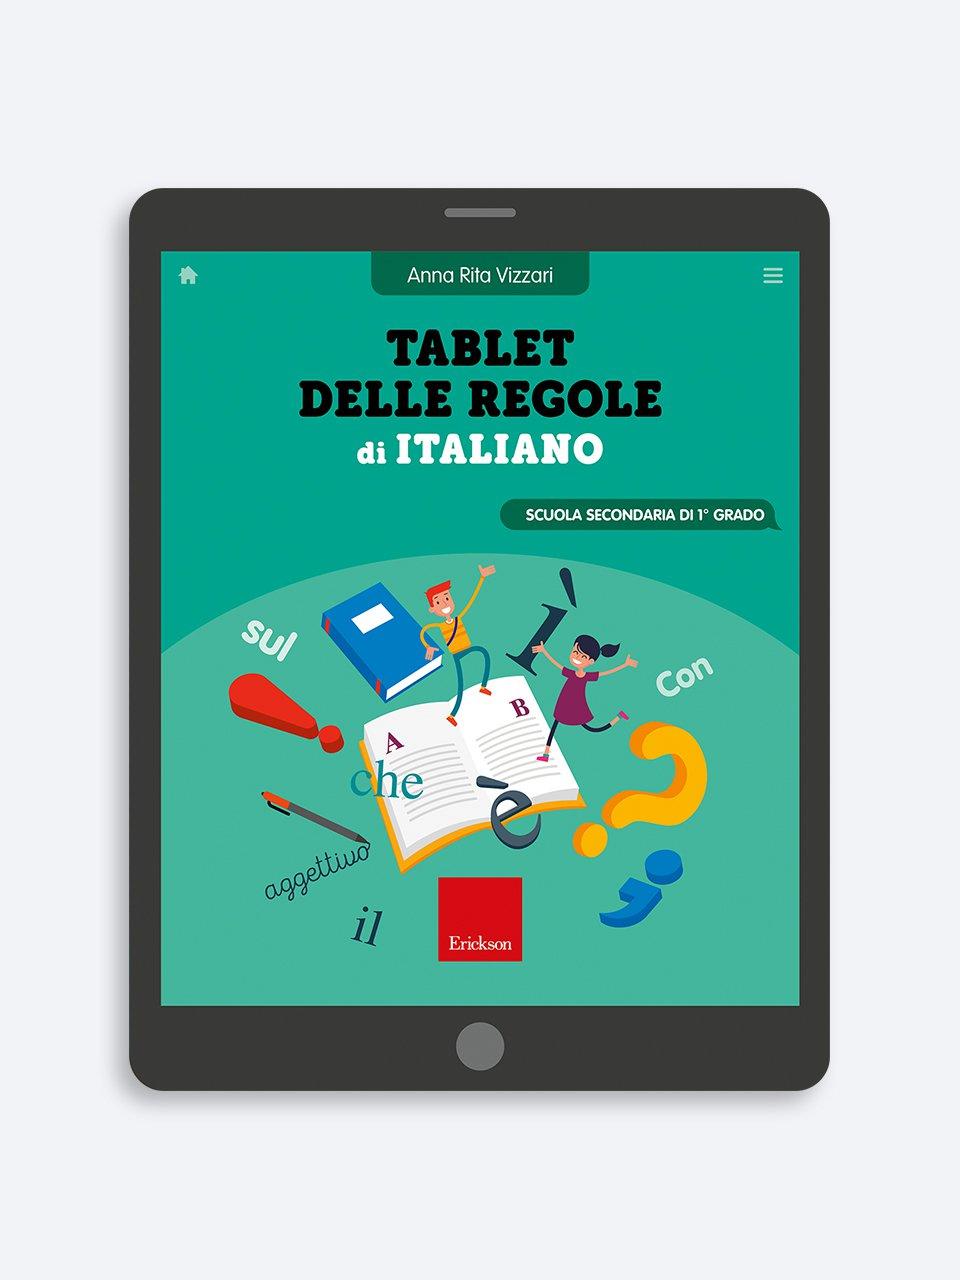 Tablet delle regole di Italiano - Libri e corsi su DSA e disturbi specifici dell'apprendimento - Erickson